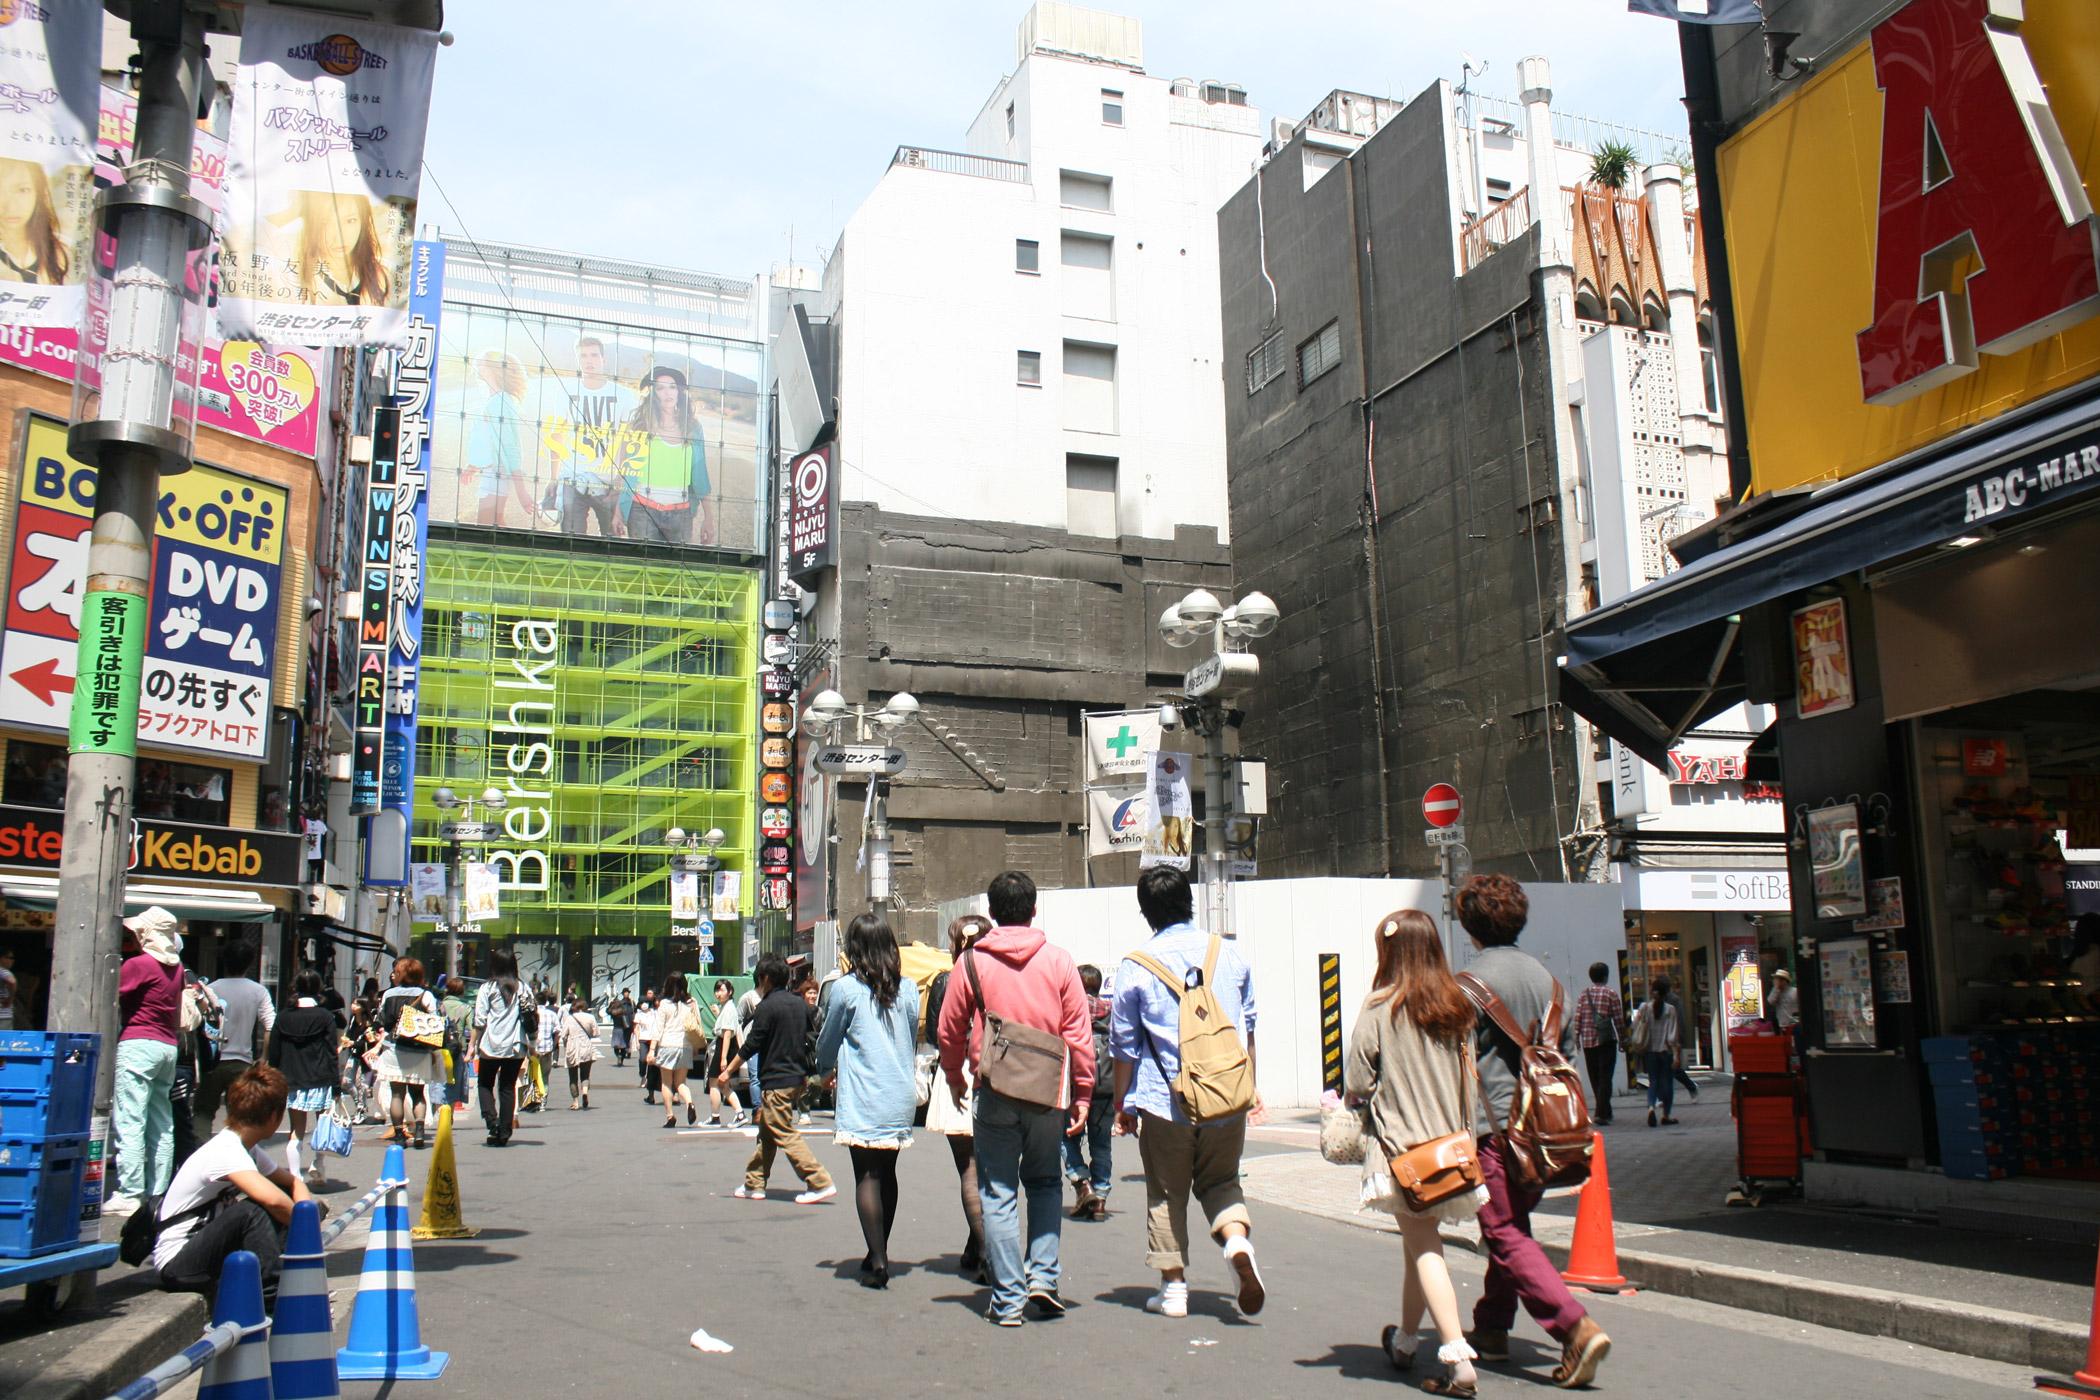 【街歩き】実際に行ってみてわかる渋谷・井の頭通り